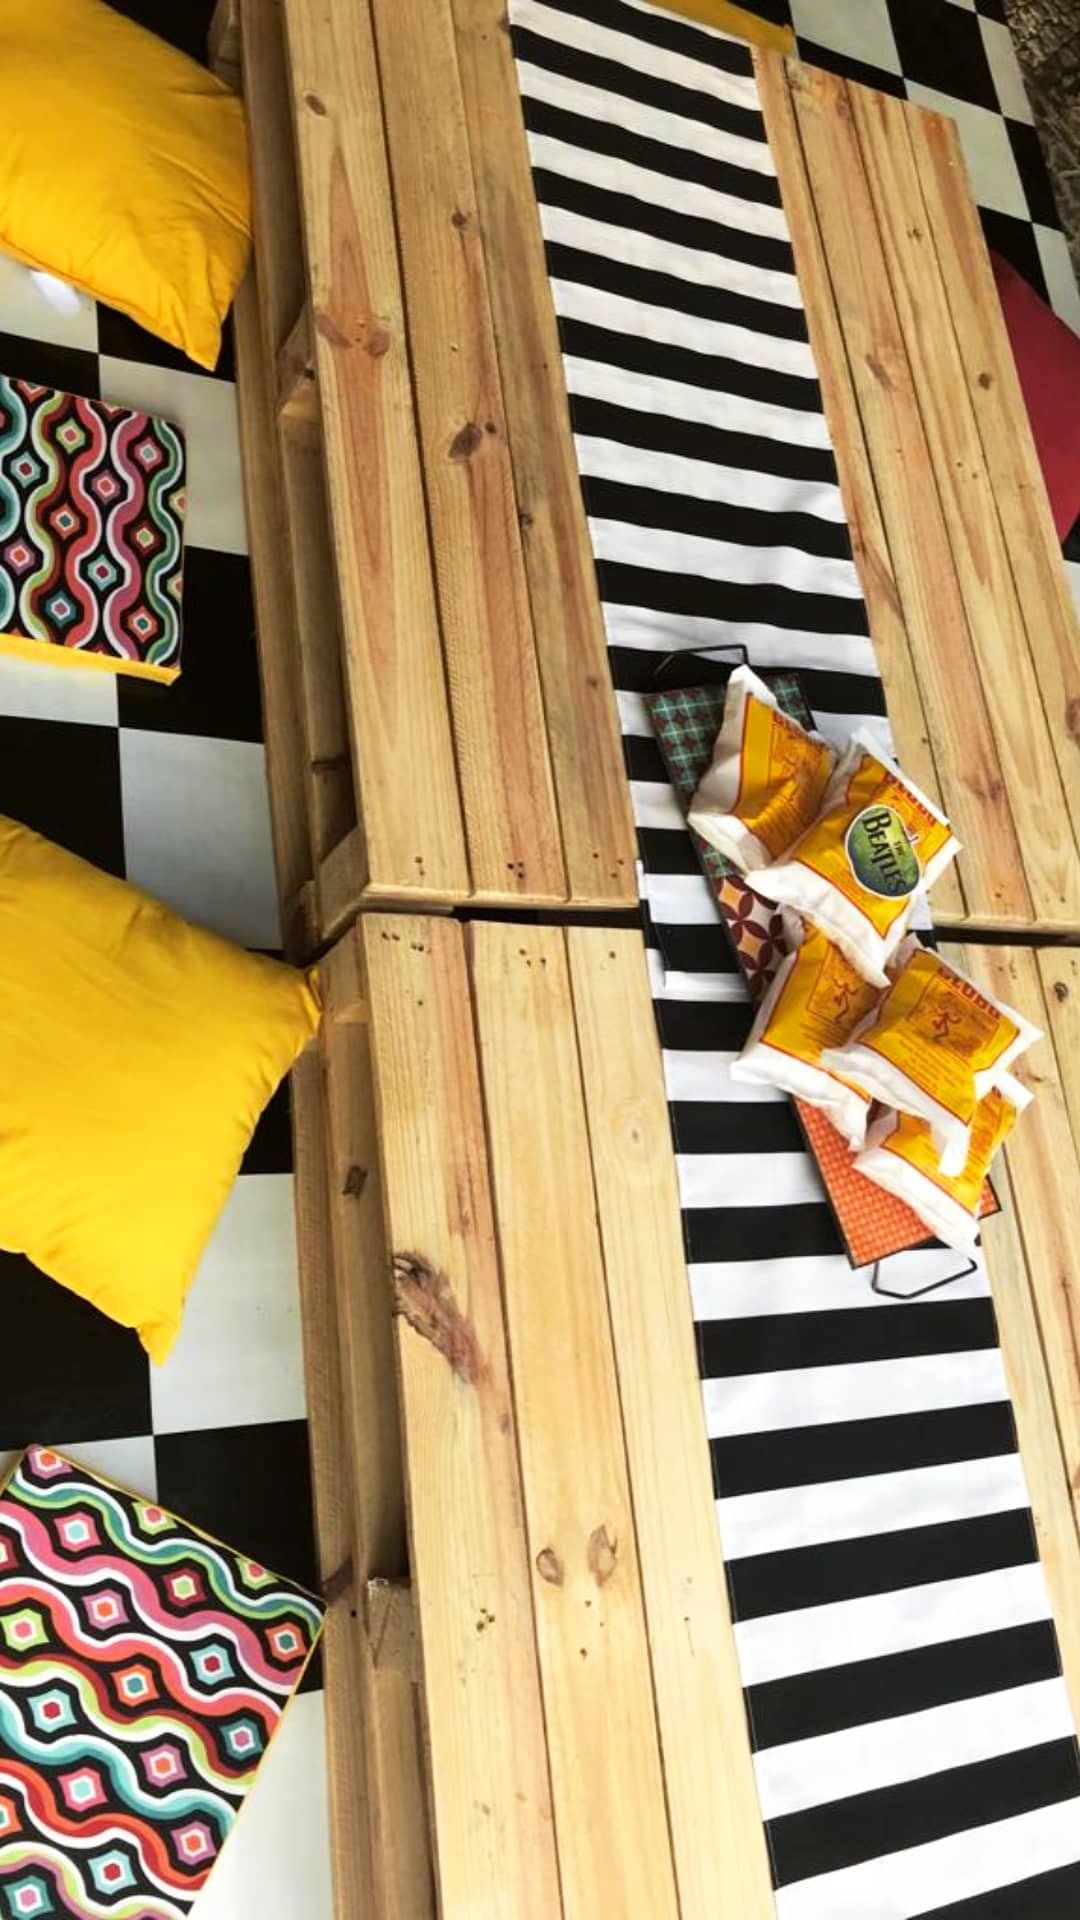 Locacao De Paineis De Madeira Mesas E Objetos Decorativos